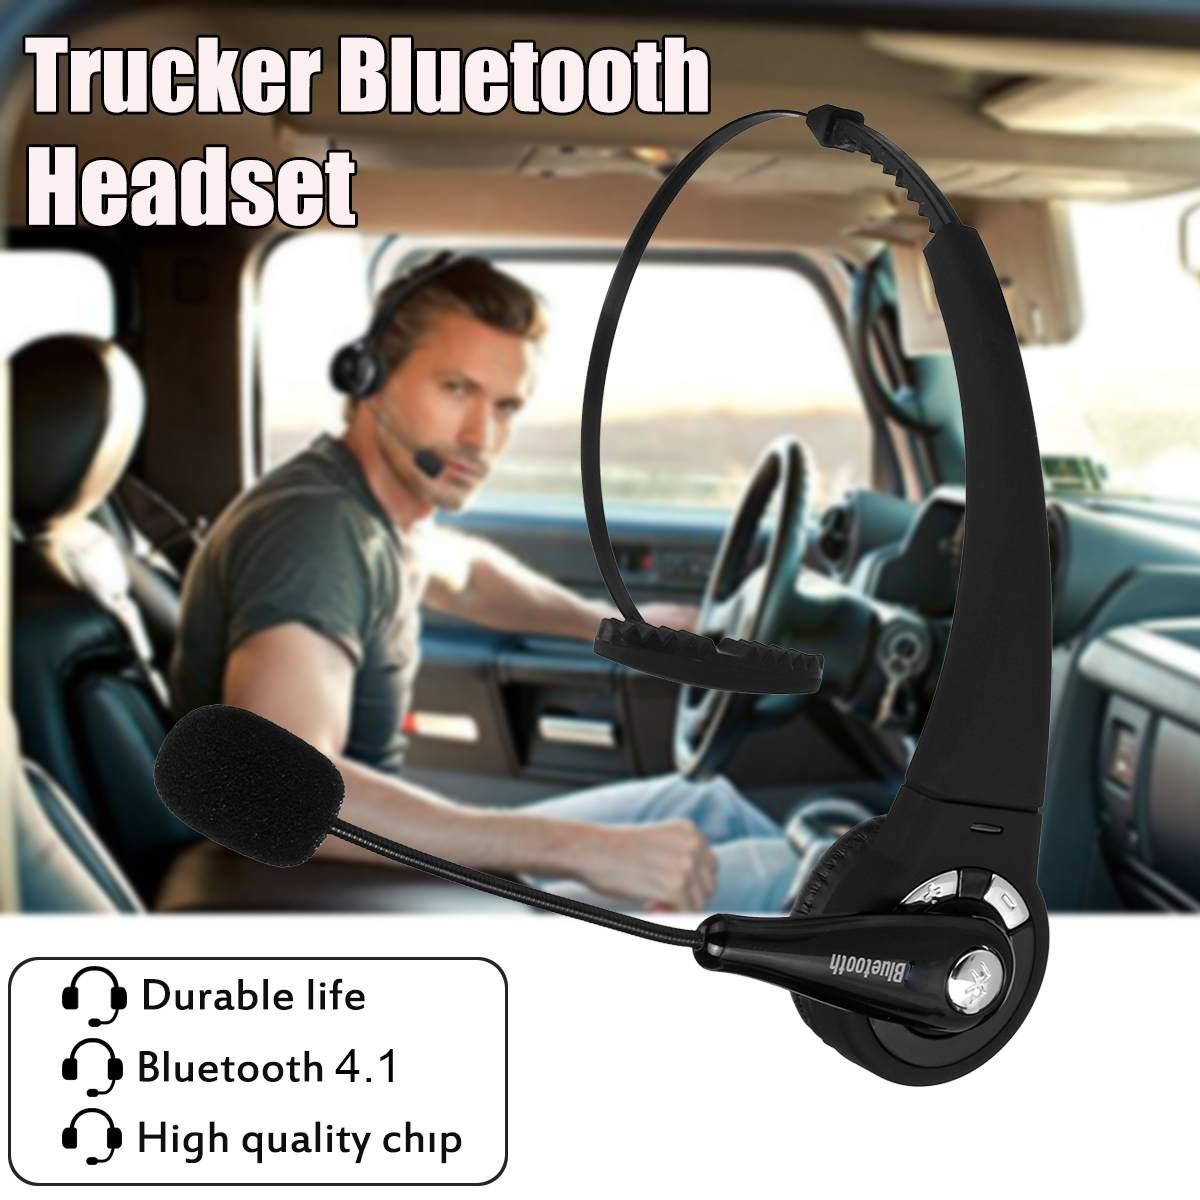 Над головой Шум шумоподавления наушники вызо bluetooth Беспроводной гарнитура с микрофоном хэндс-фри наушники для дальнобойщиков драйвера